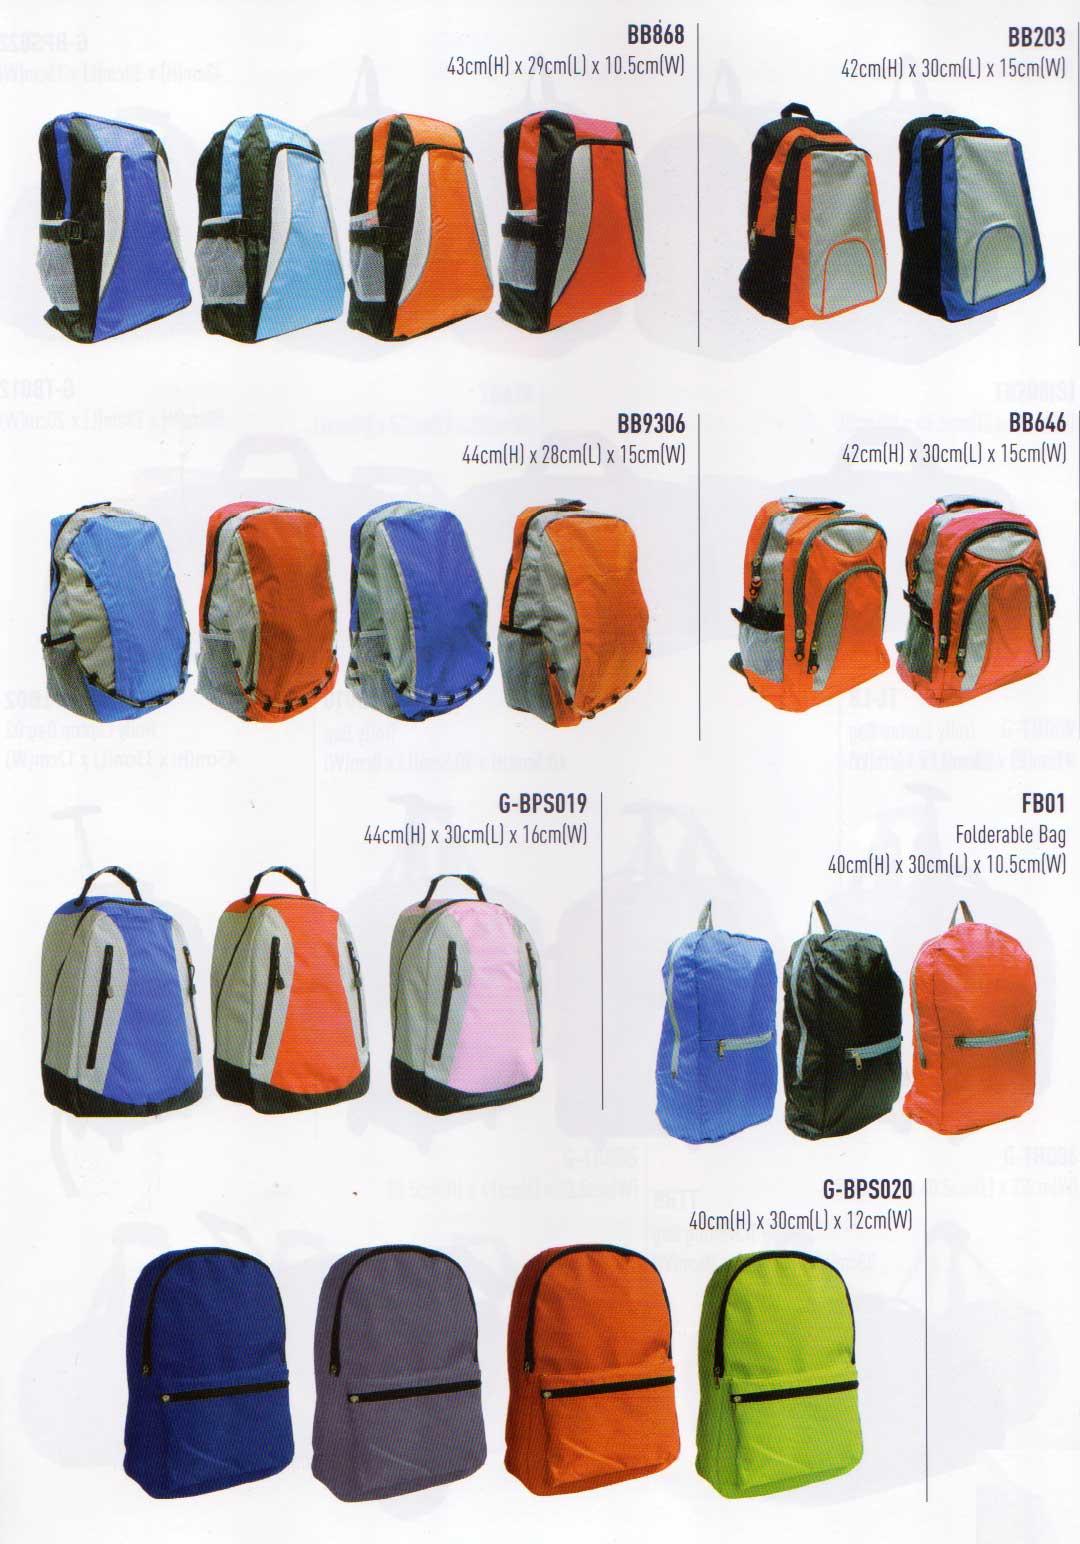 Percetakan Beg 03